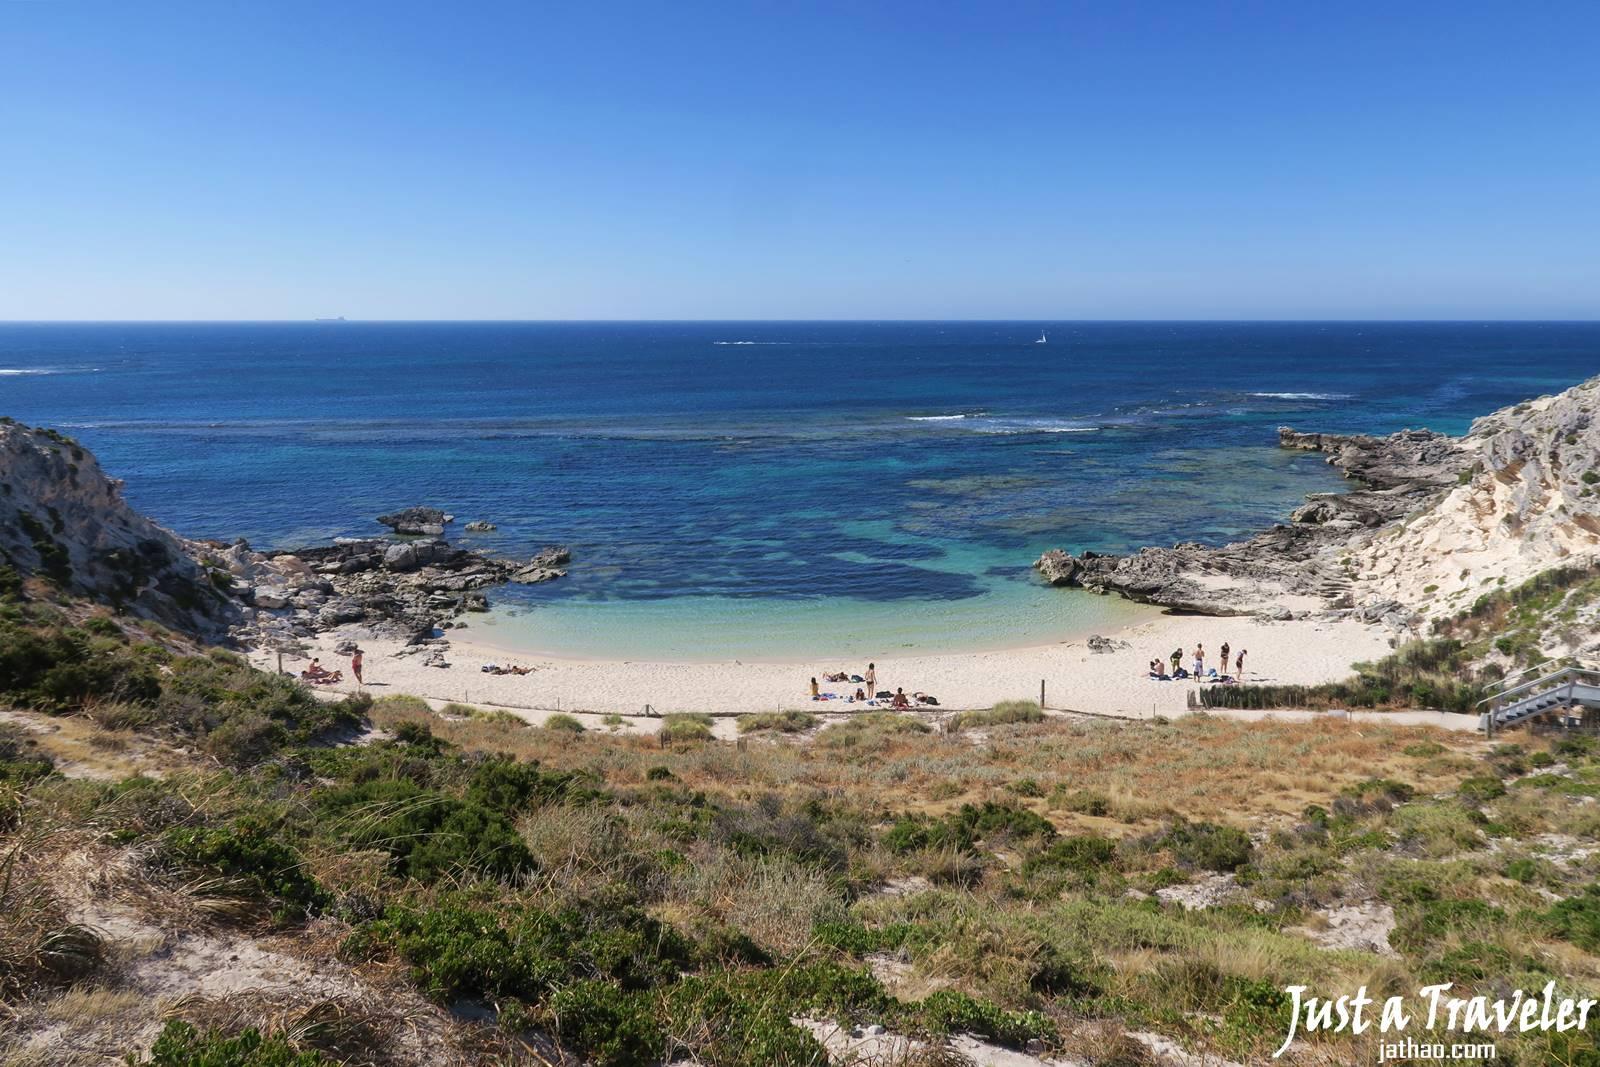 澳洲-西澳-伯斯-景點-羅特尼斯島-Rottnest Island-海灘-浮潛-推薦-自由行-交通-旅遊-遊記-攻略-行程-一日遊-二日遊-必玩-必遊-Perth